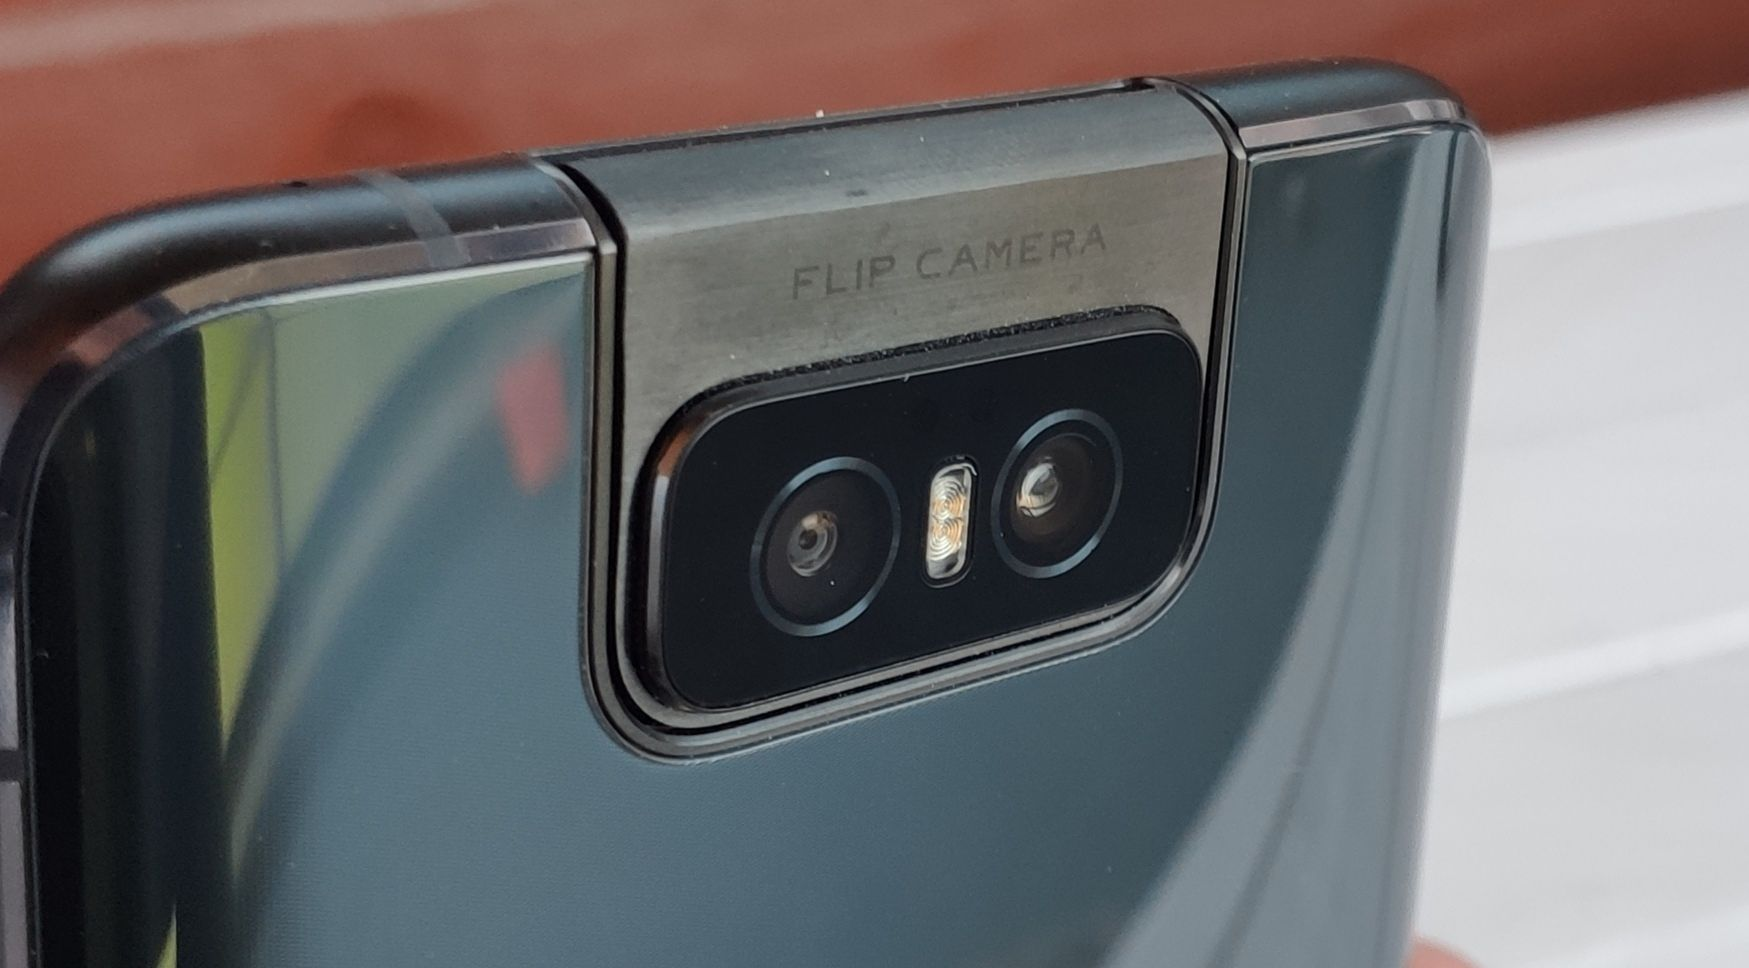 Takaa katsottuna kamerakokoonpano näyttää jokseenkin tavalliselta.